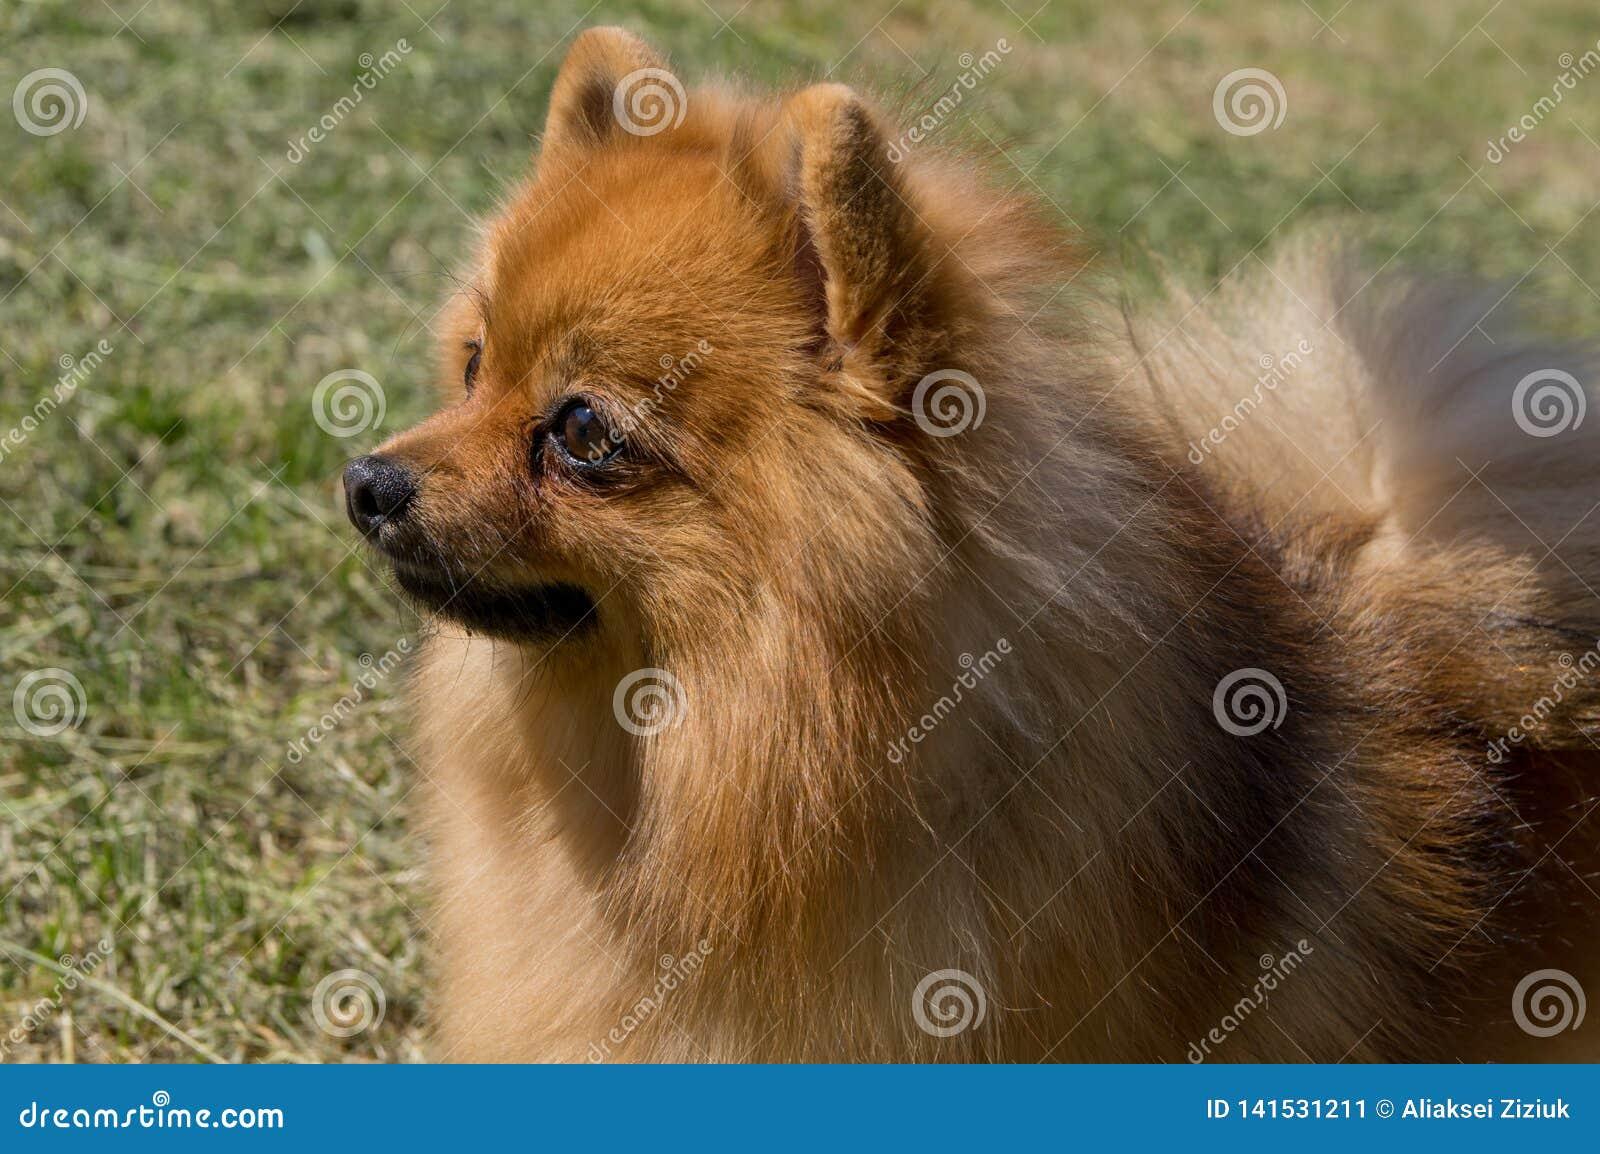 Il cane è giallo, nel profilo Pomeranian pigmeo tedesco